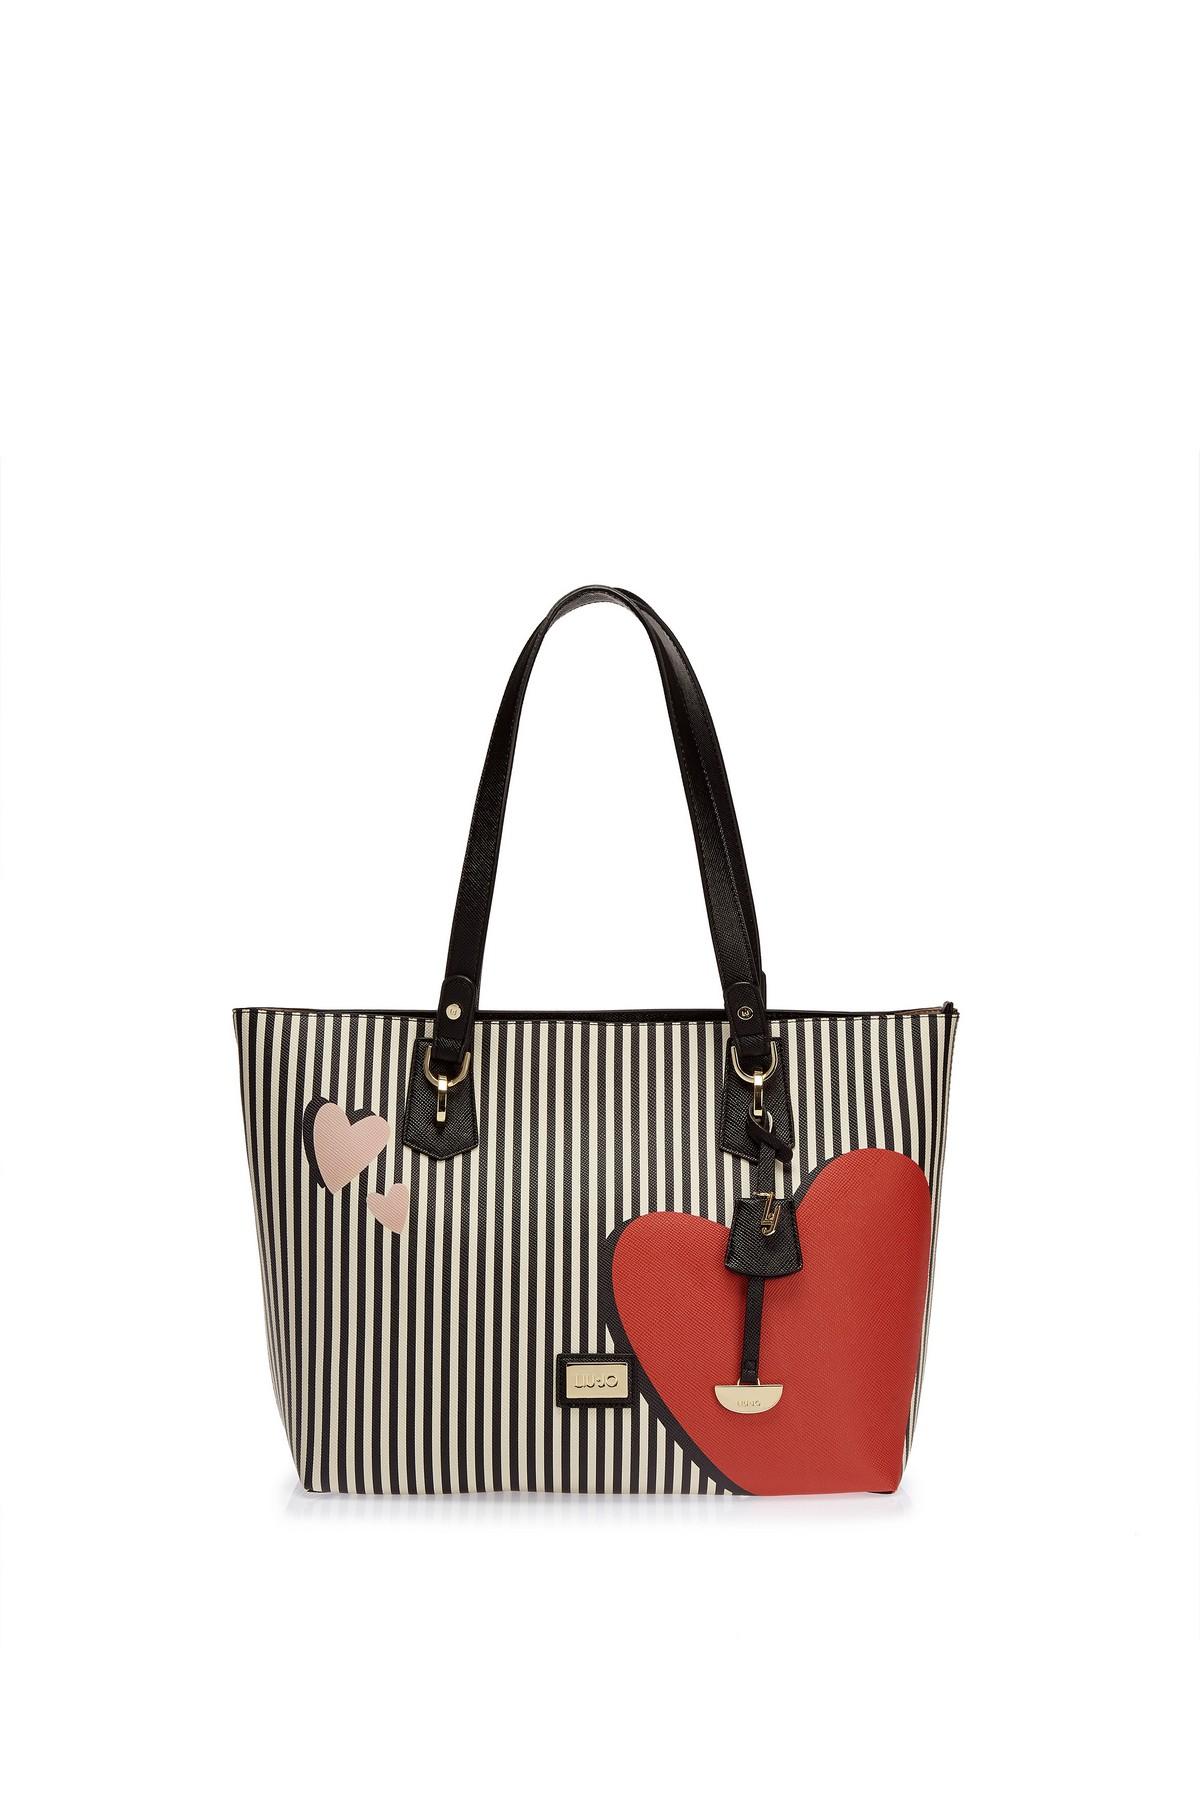 hot sale online ba883 4b85a Regali San Valentino 2018: le borse made with love di Liu Jo ...